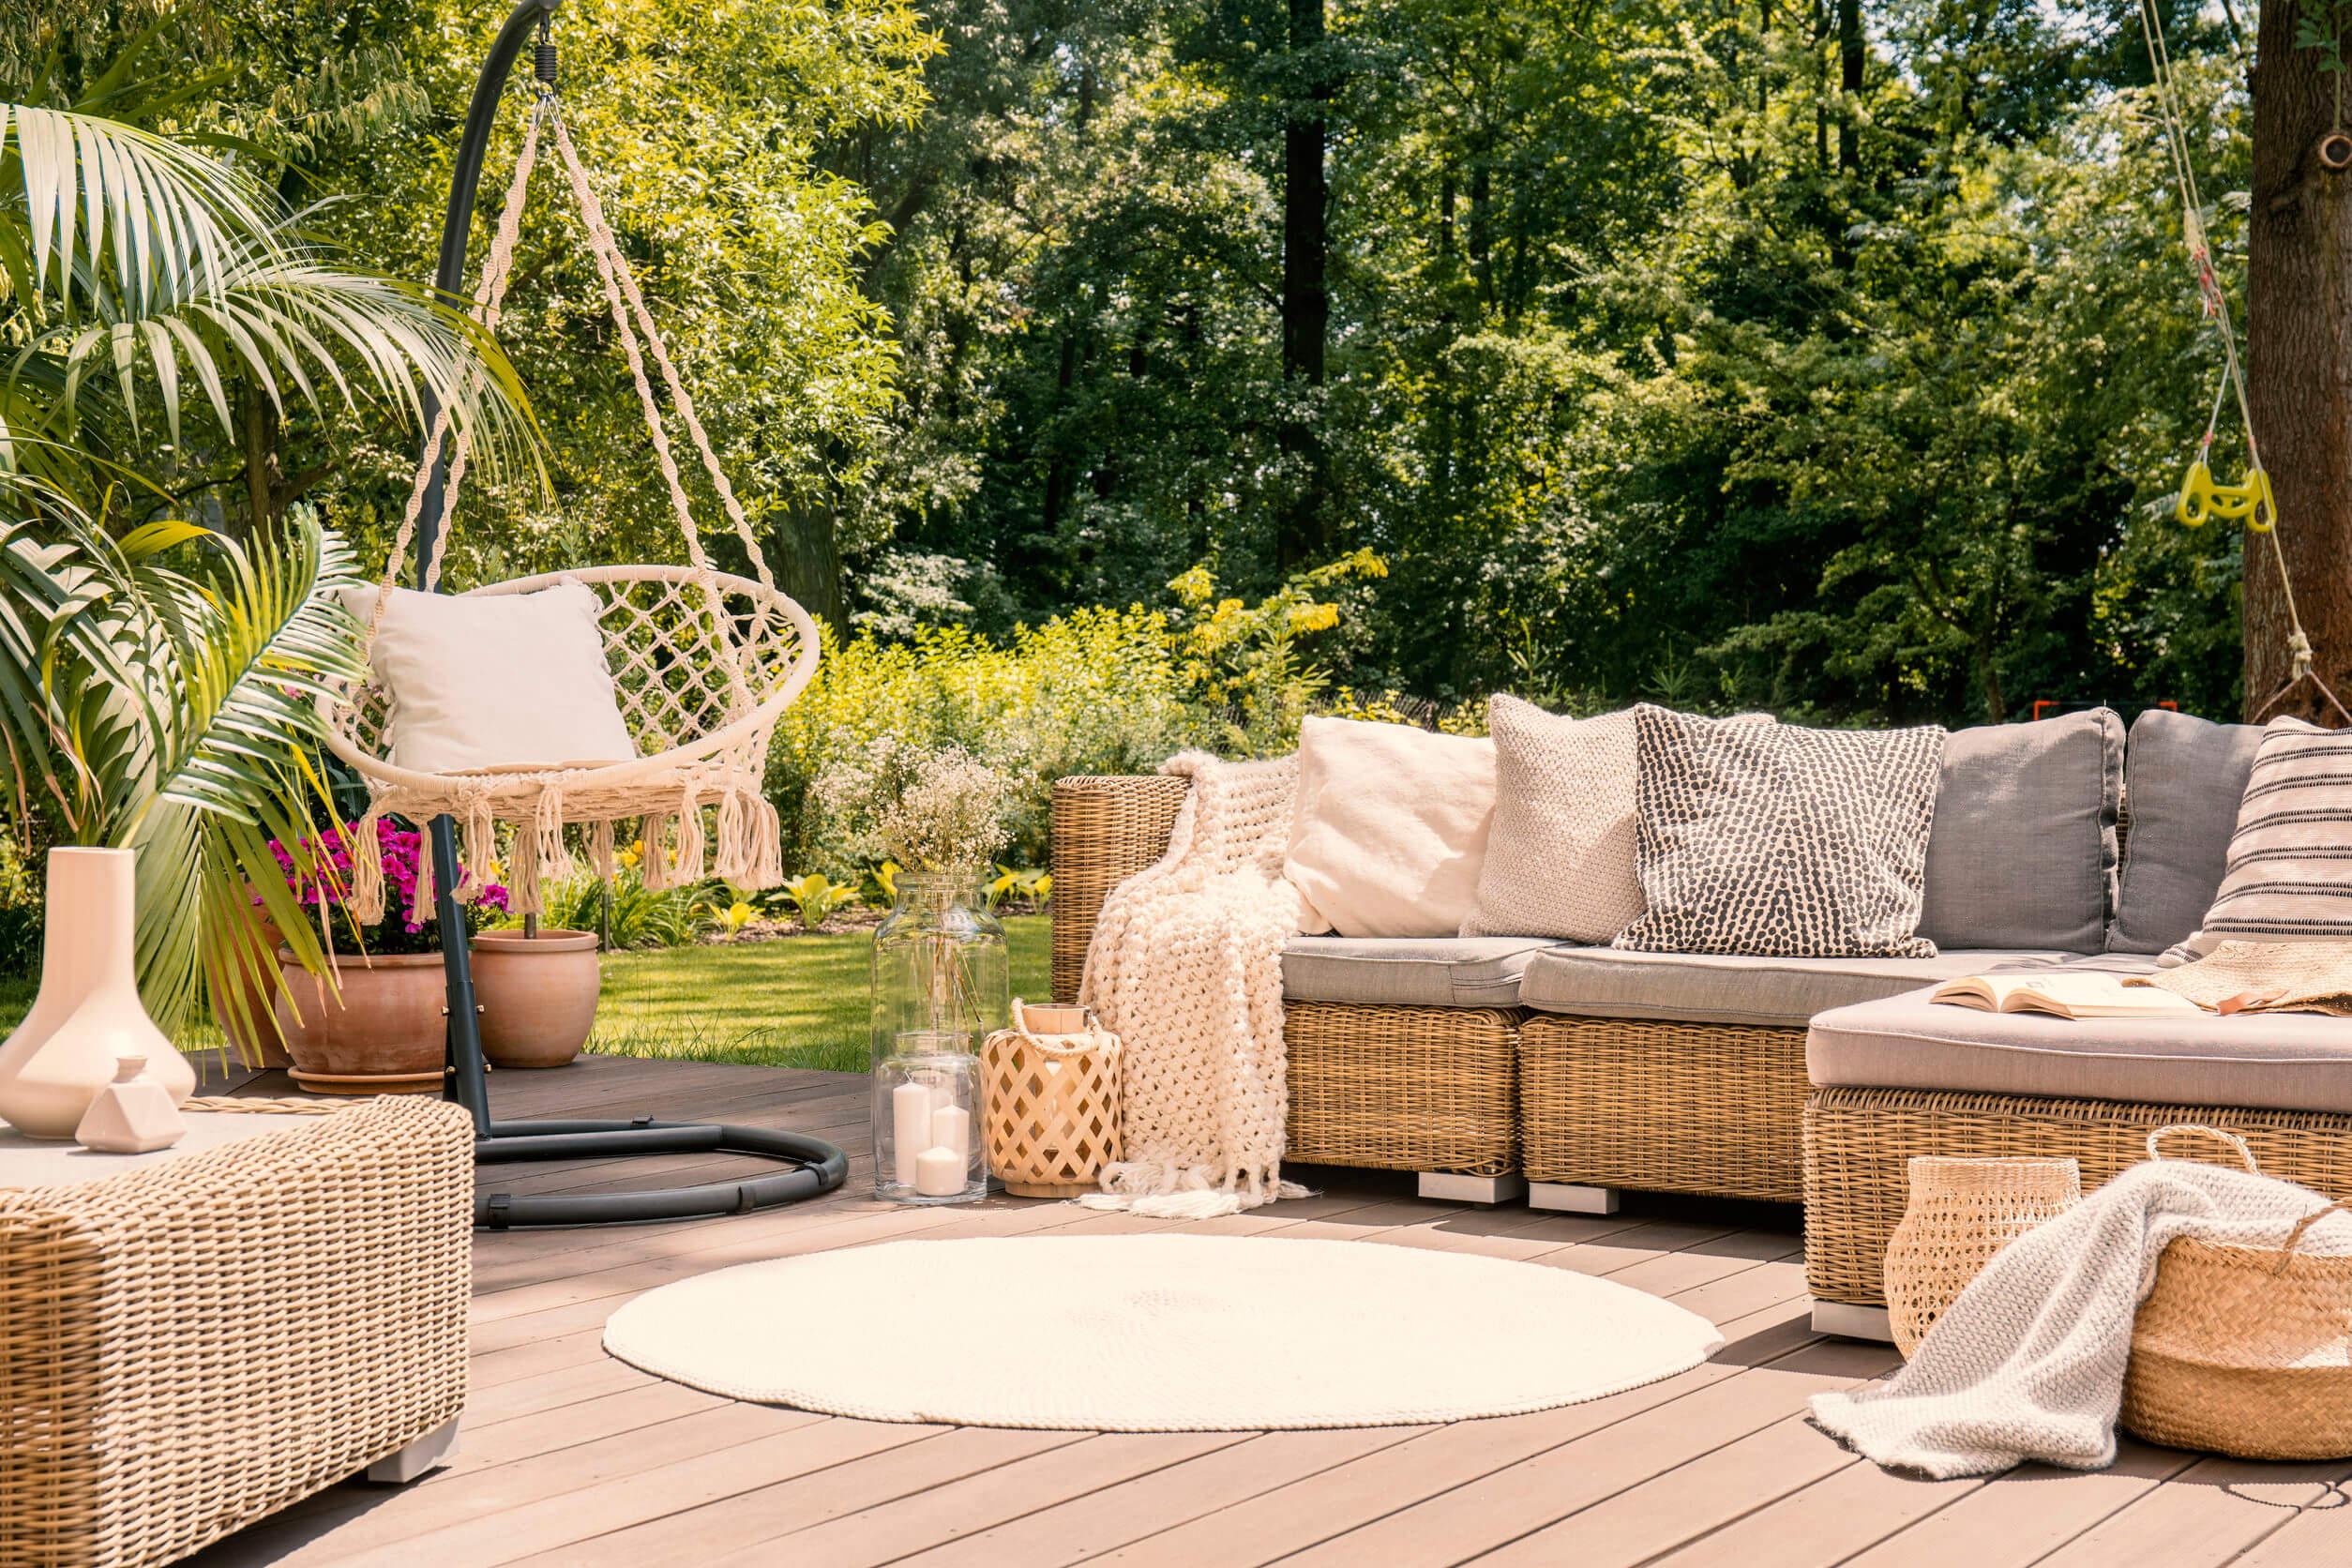 Shopping to enjoy an outdoor home